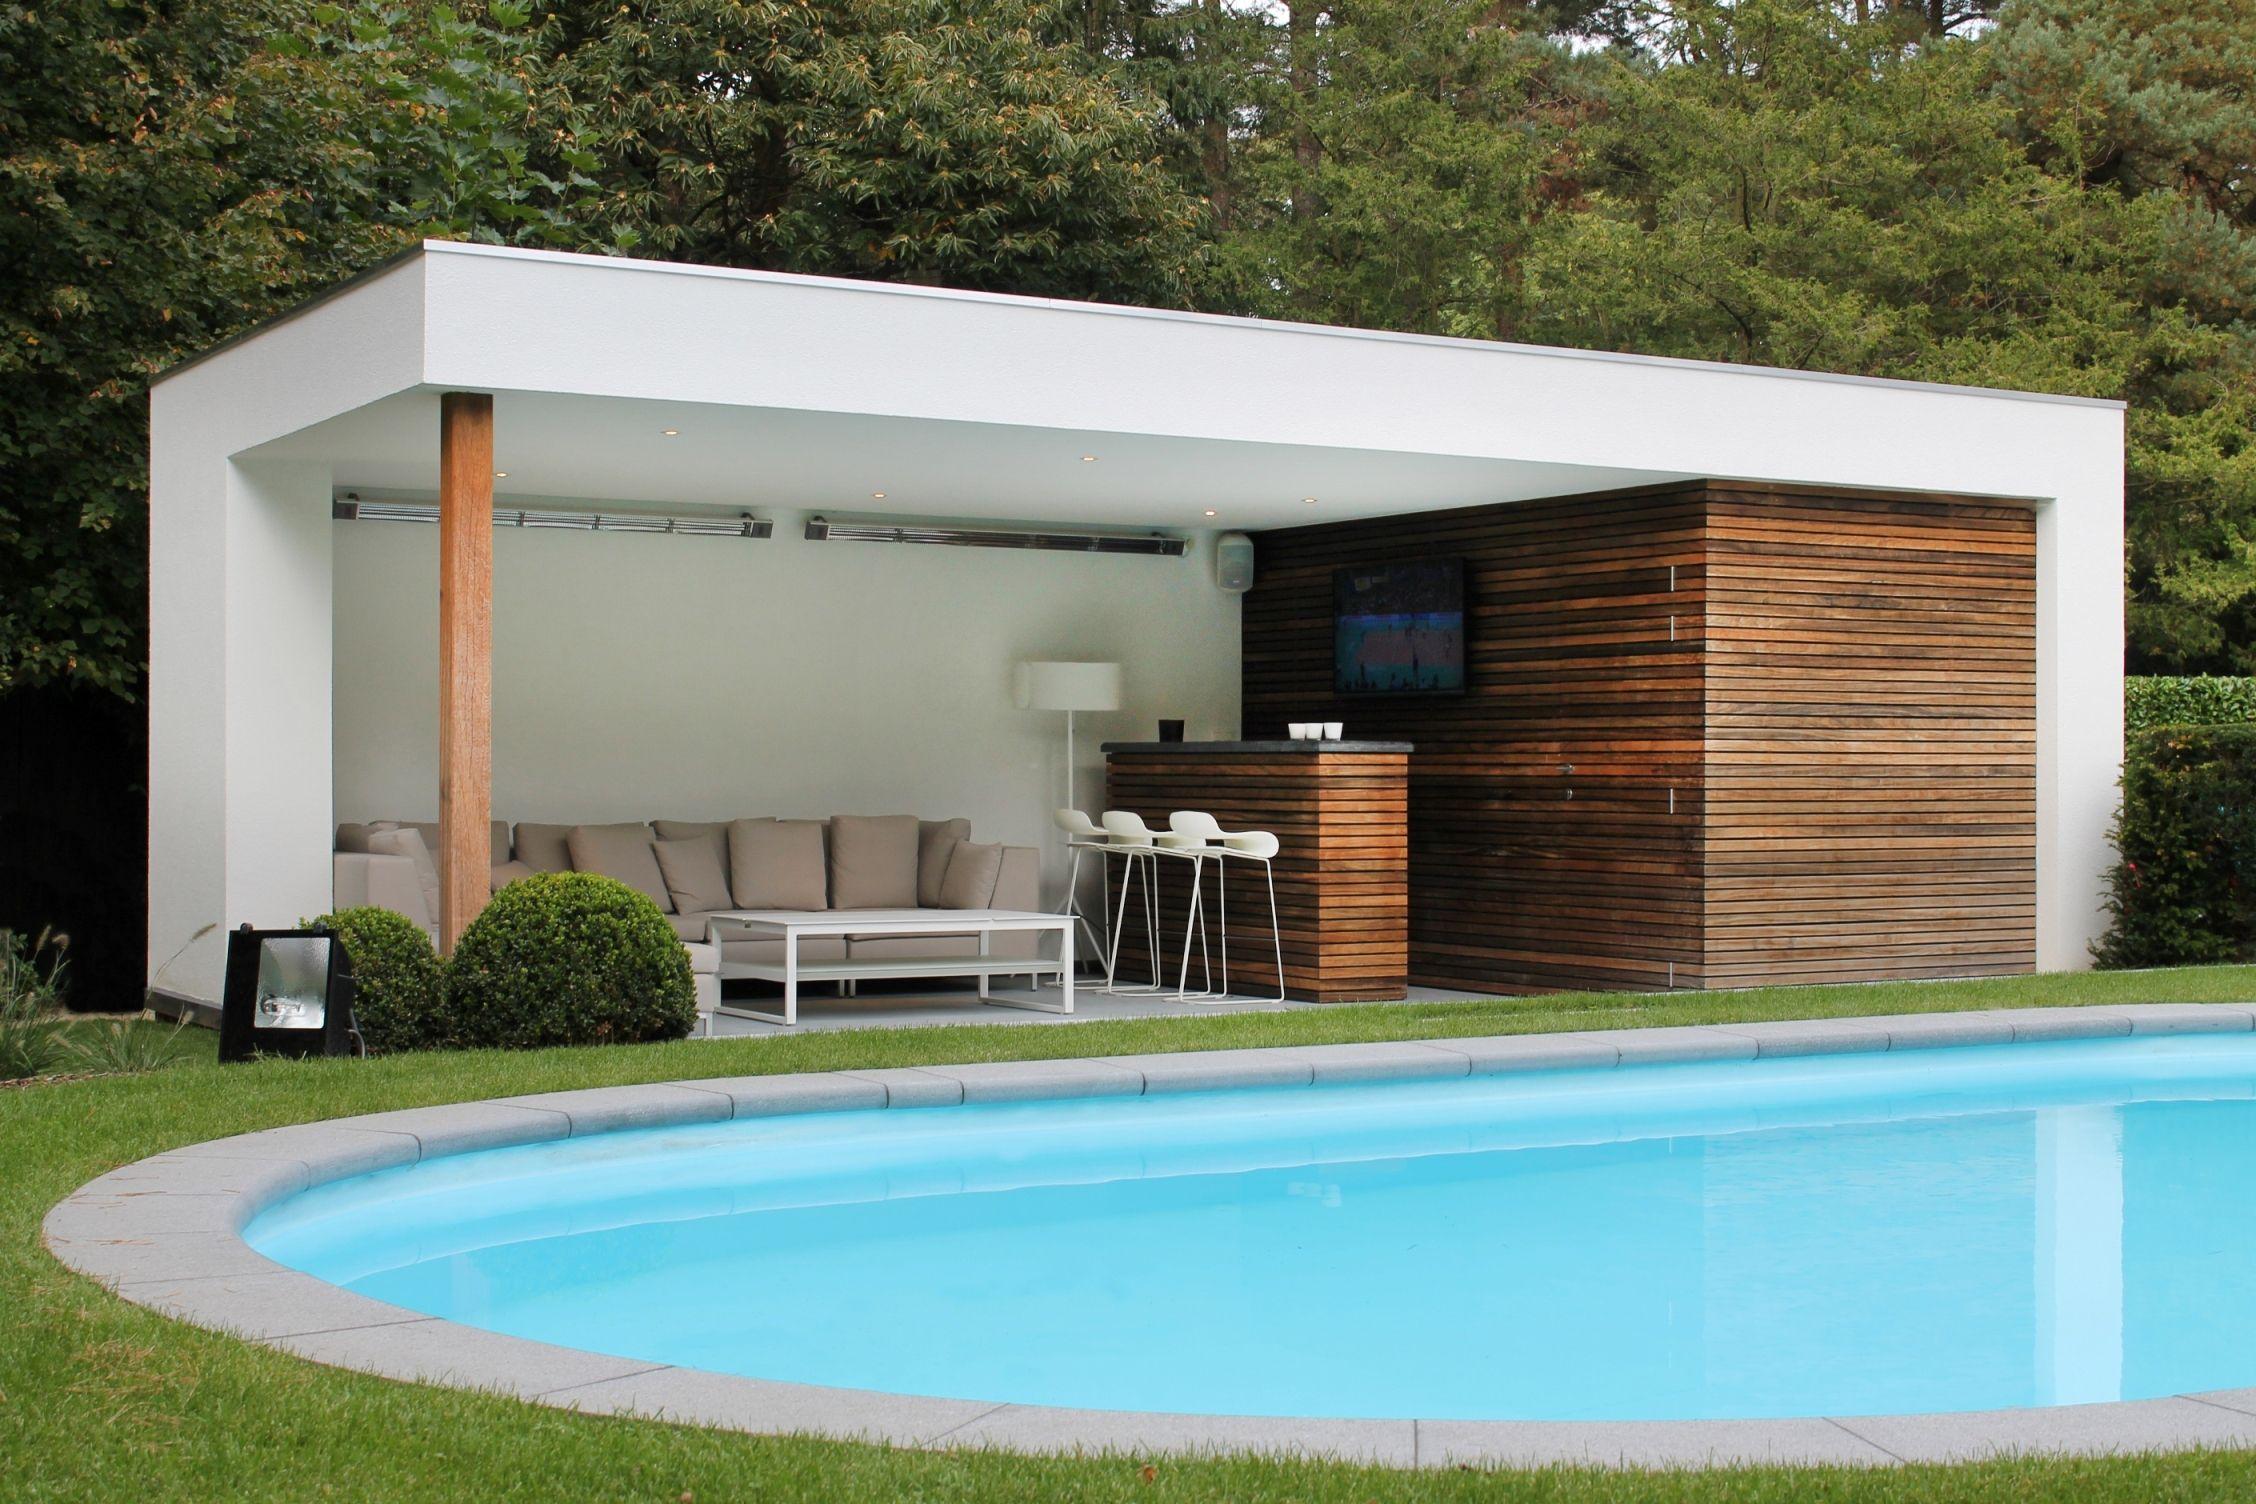 Moderne Poolhouse In Hout En Cr Pi - Bogarden -